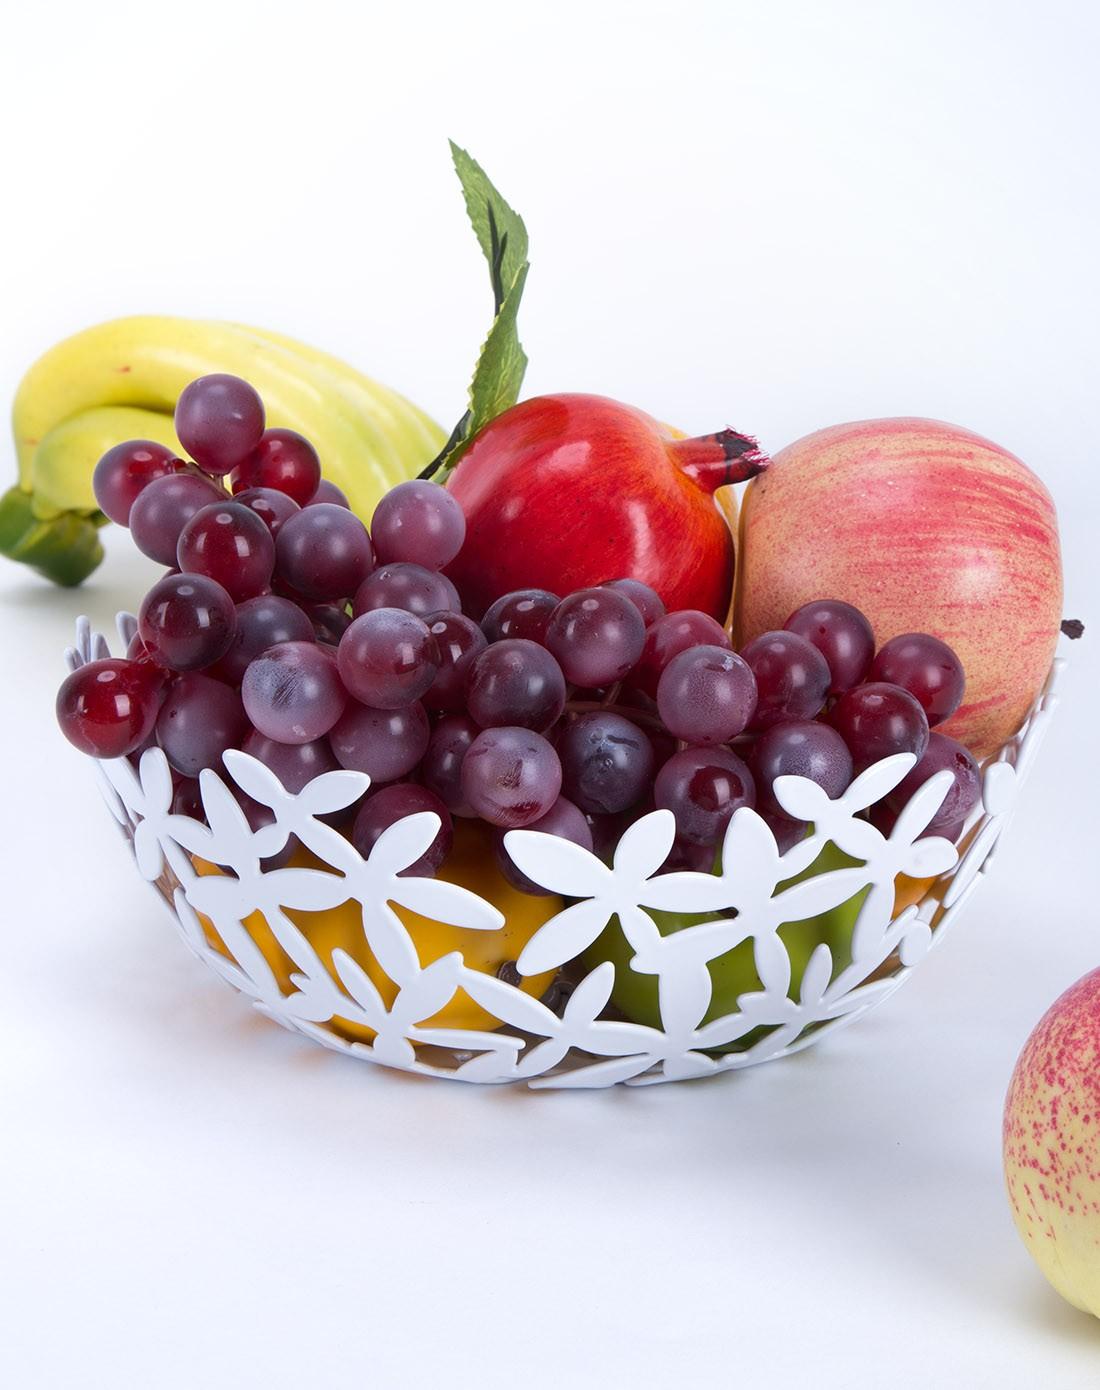 纯色简约兰花桌面水果收纳篮-白色